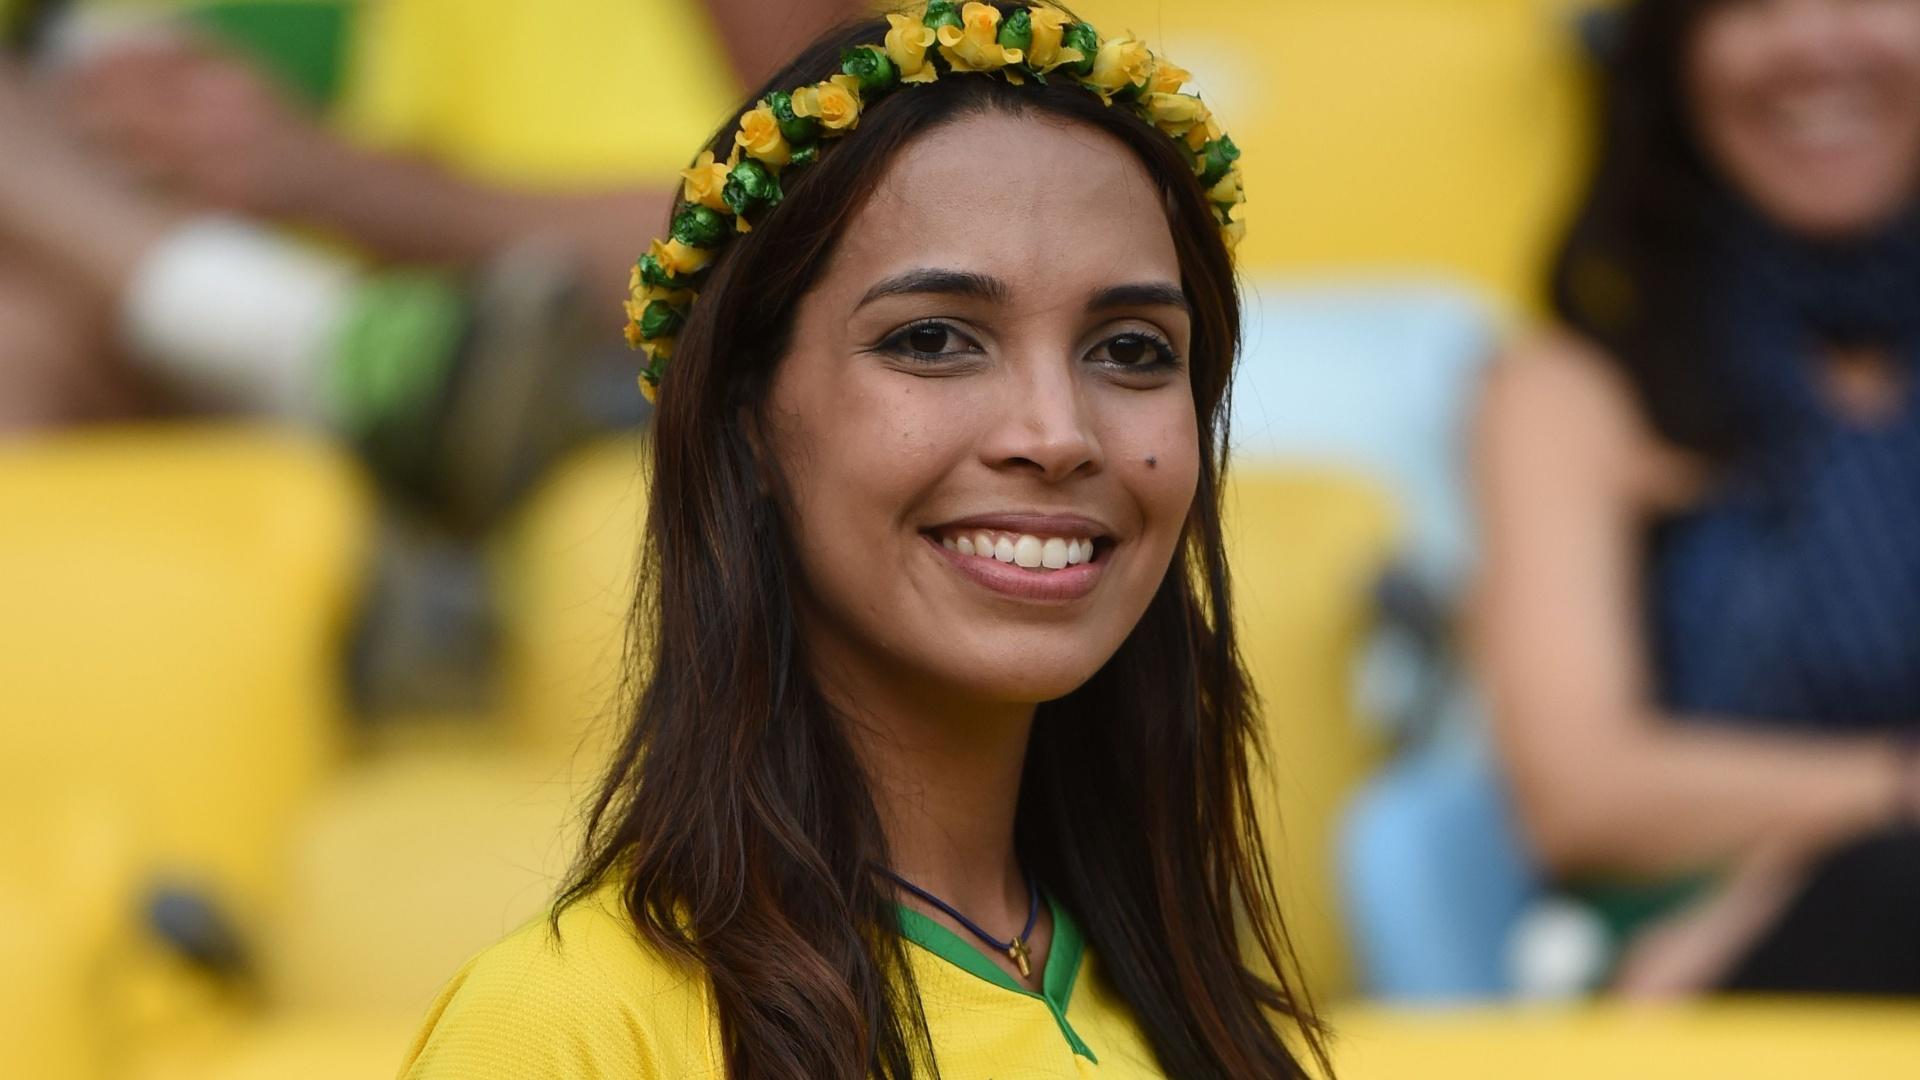 Torcedora brasileira chega ao Maracanã para assistir ao confronto entre uruguaios e colombianos pelas oitavas de final da Copa do Mundo